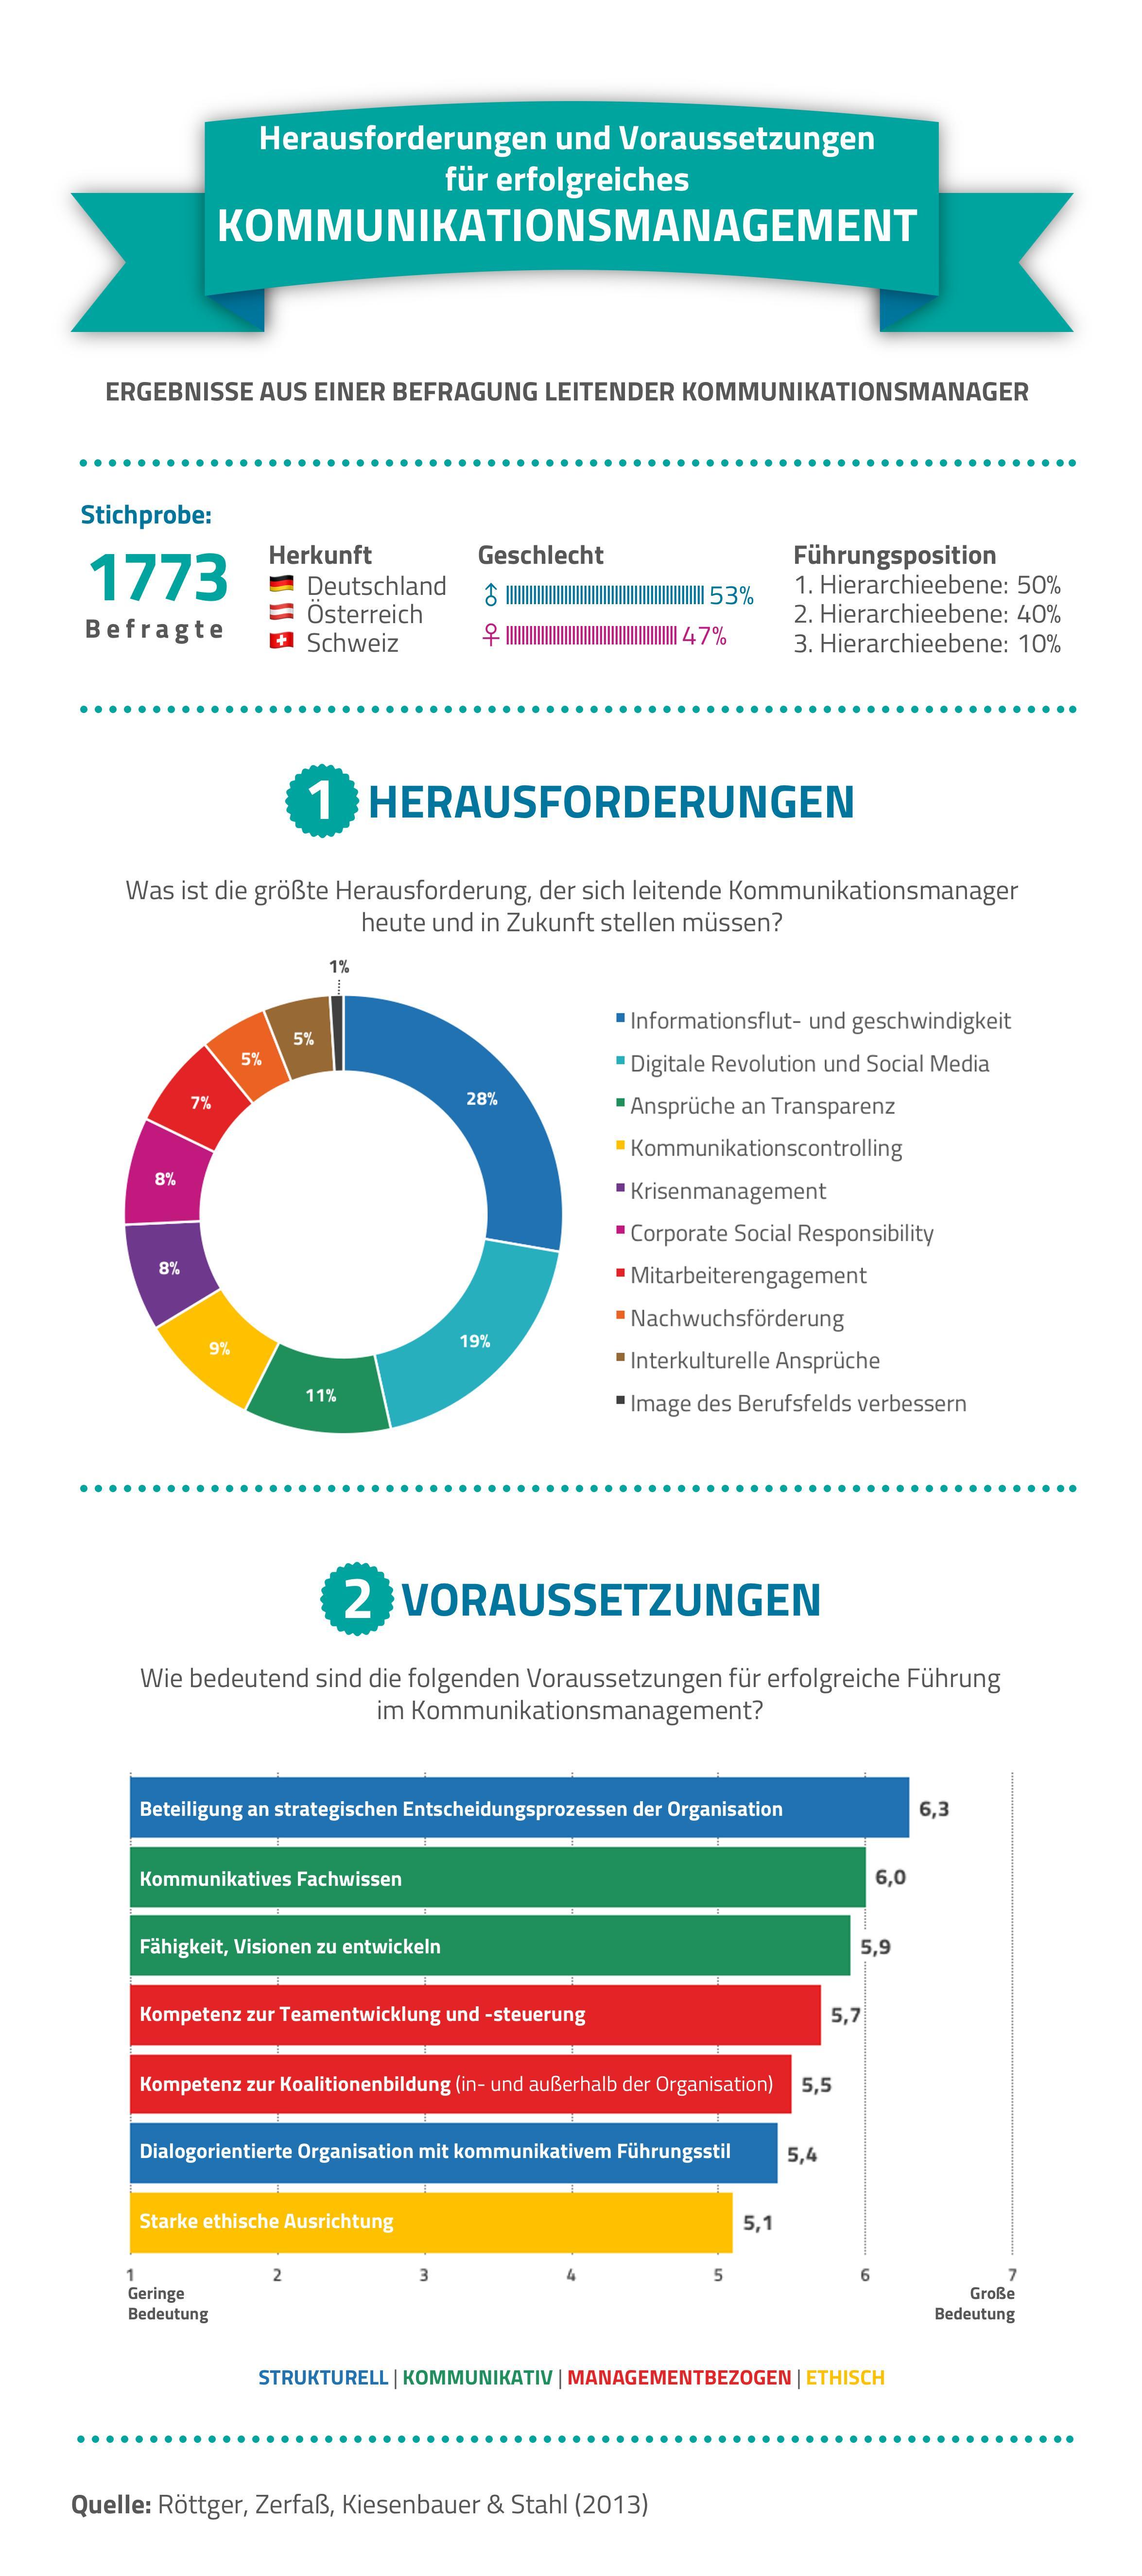 Alles auf einen Blick! Infografik zu Herausforderungen und Voraussetzungen im Berufsalltag von Kommunikationsmanagern. Jetzt auf PRtransfer!